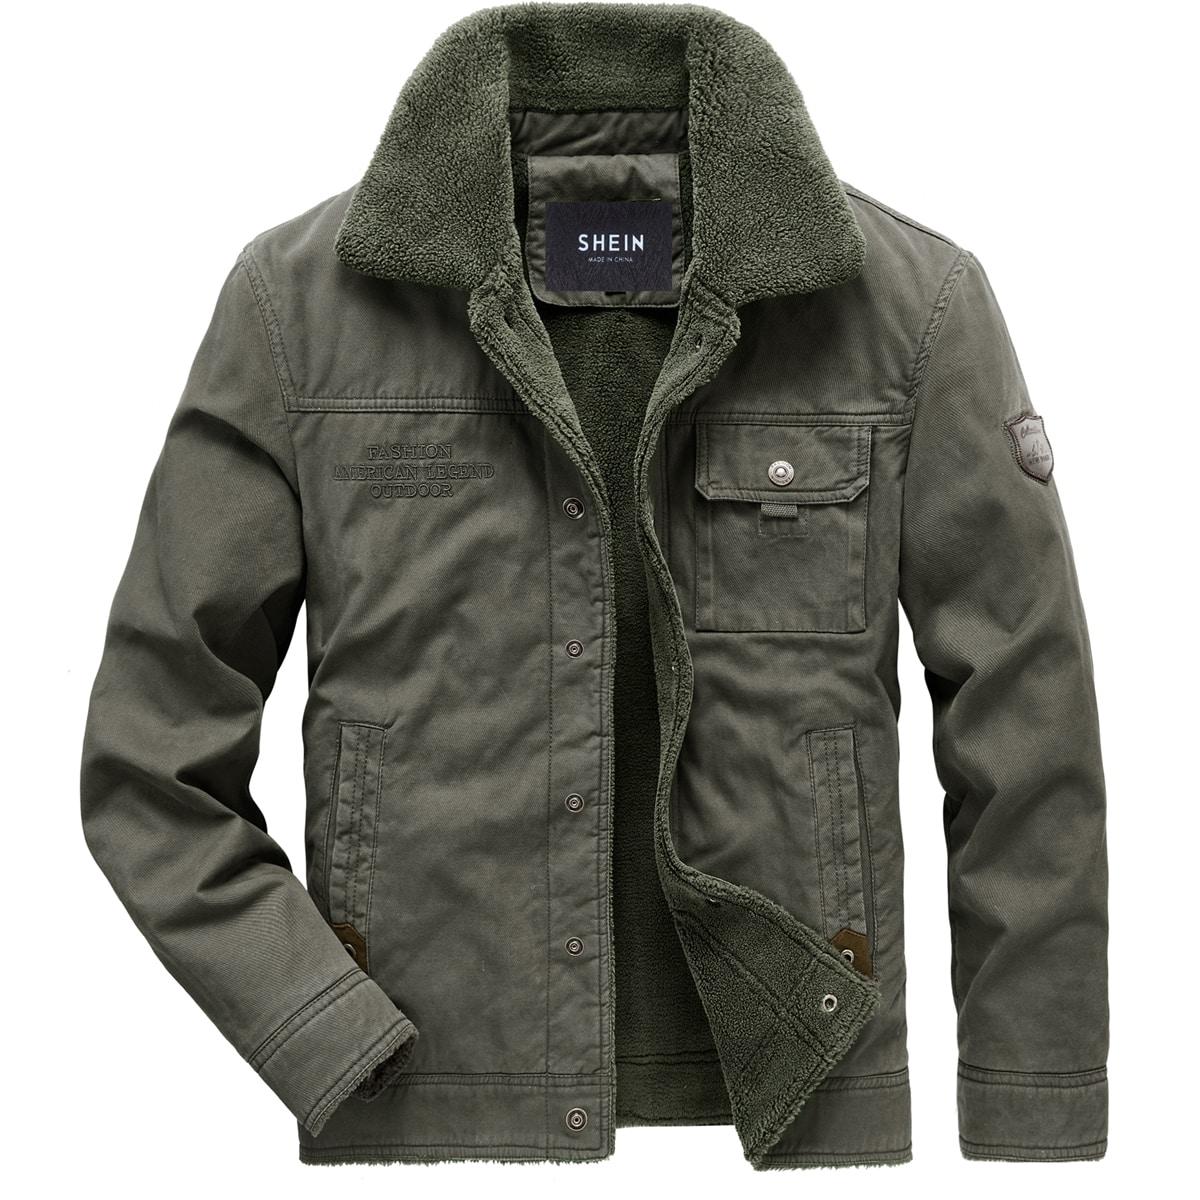 Мужская куртка с текстовой вышивкой и подкладкой из искусственного меха